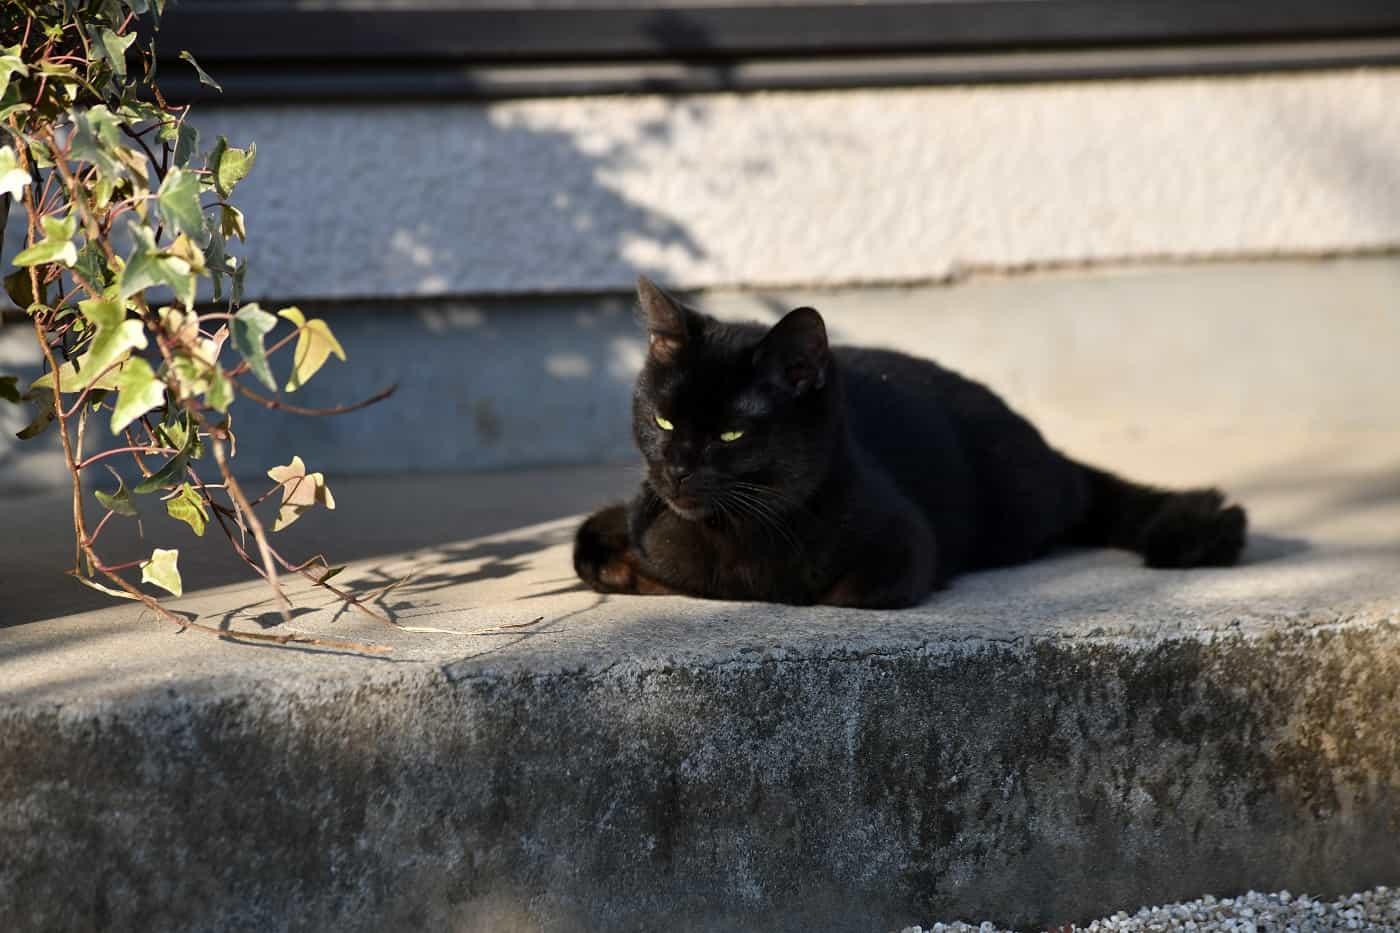 เจ้าแมวดำ จิบิ จาก Only The Cat knows เจ้าเหมียวจิบิ หายไปไหนนะ?